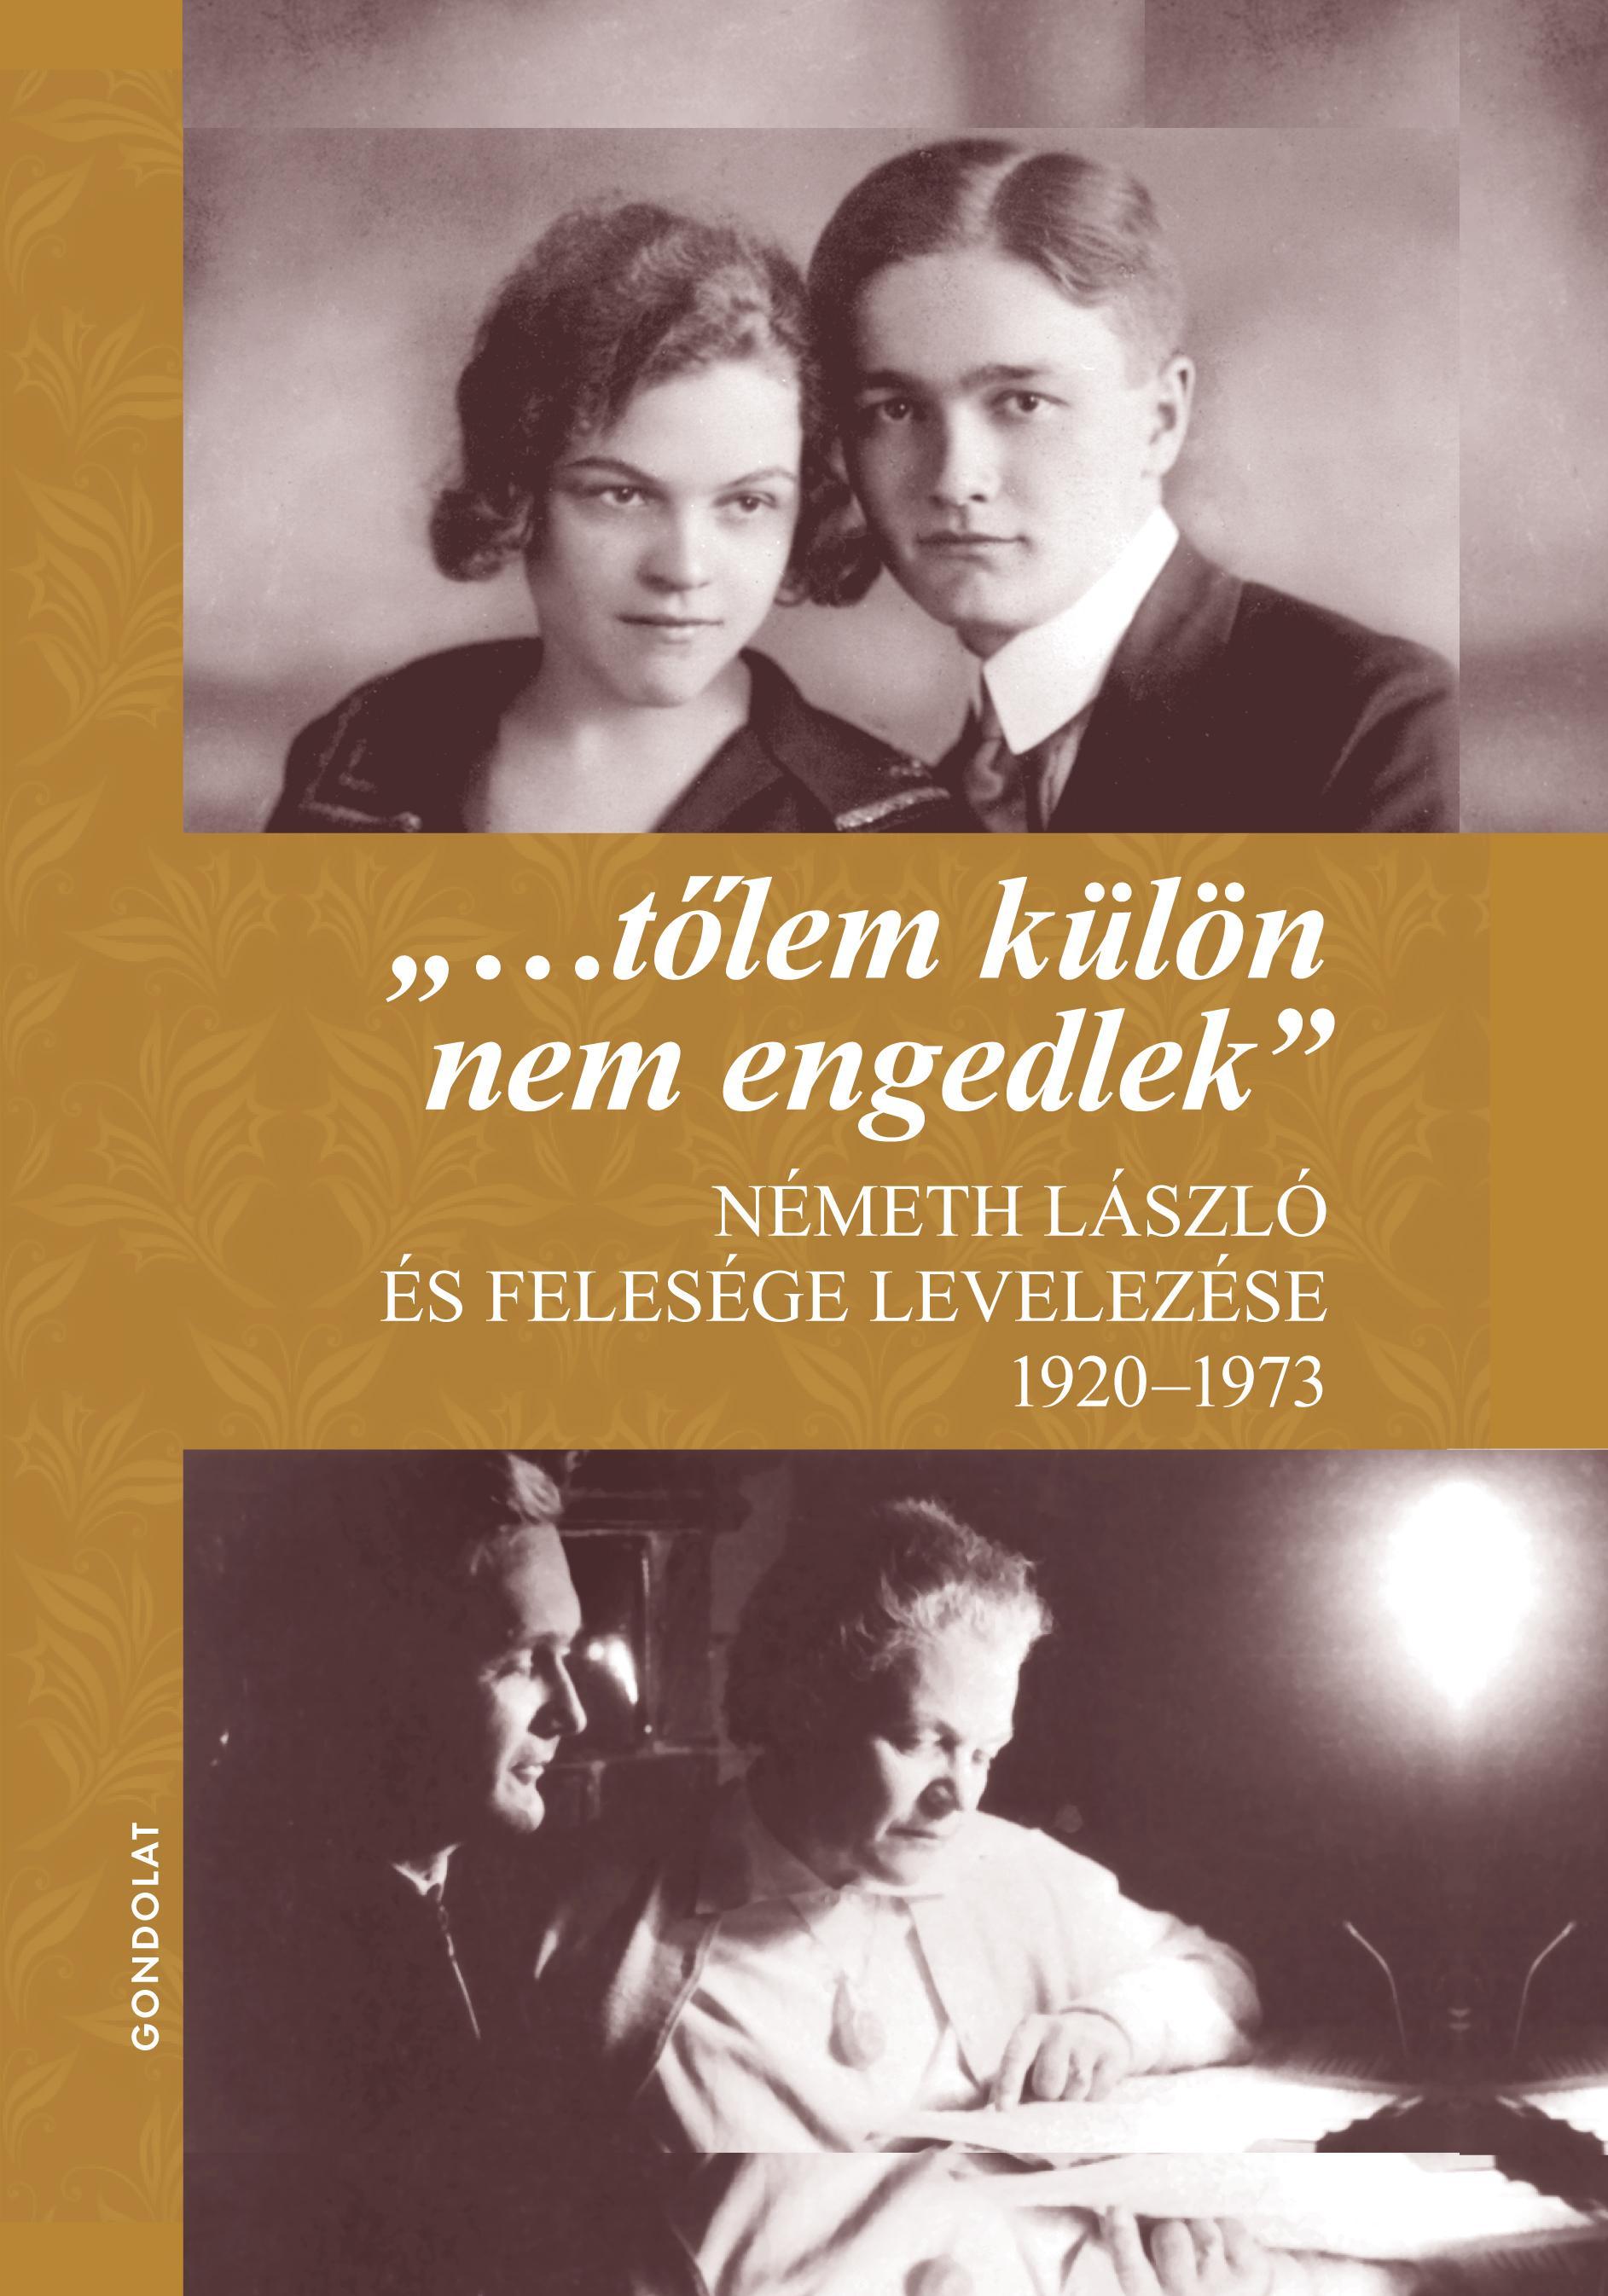 NÉMETH ÁGNES - GÁL MIHÁLY (SZERKESZTŐK) - TŐLEM KÜLÖN NEM ENGEDLEK - NÉMETH LÁSZLÓ ÉS FELESÉGE LEVELEZÉSE 1920-1973